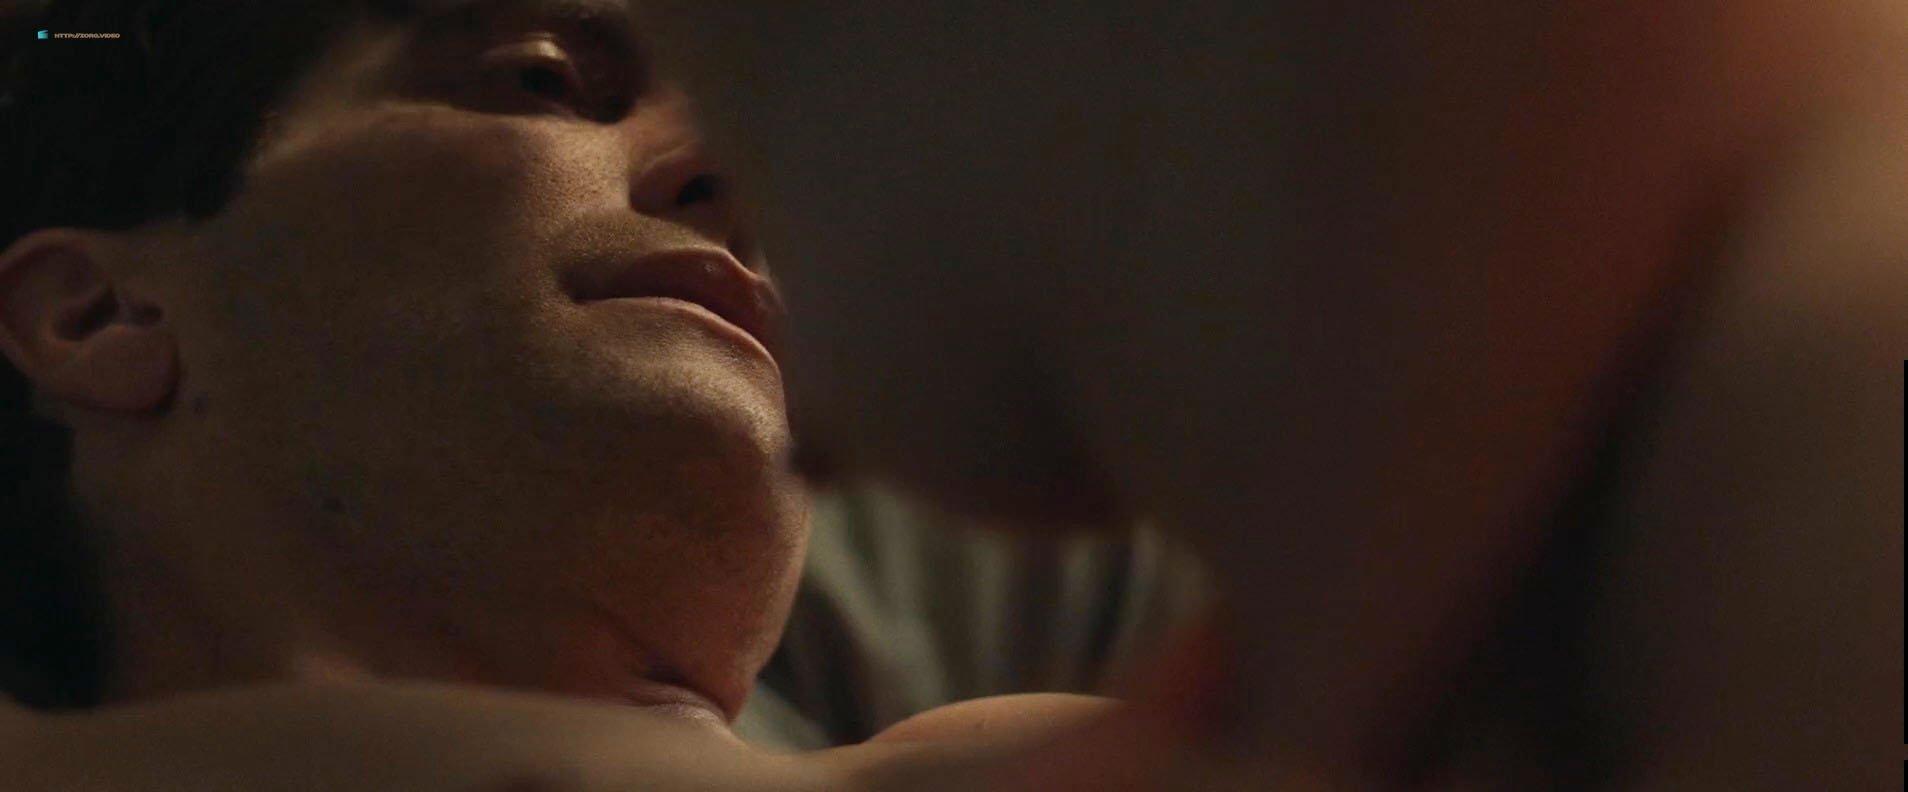 Tatiana Maslany nude - Stronger (2017)